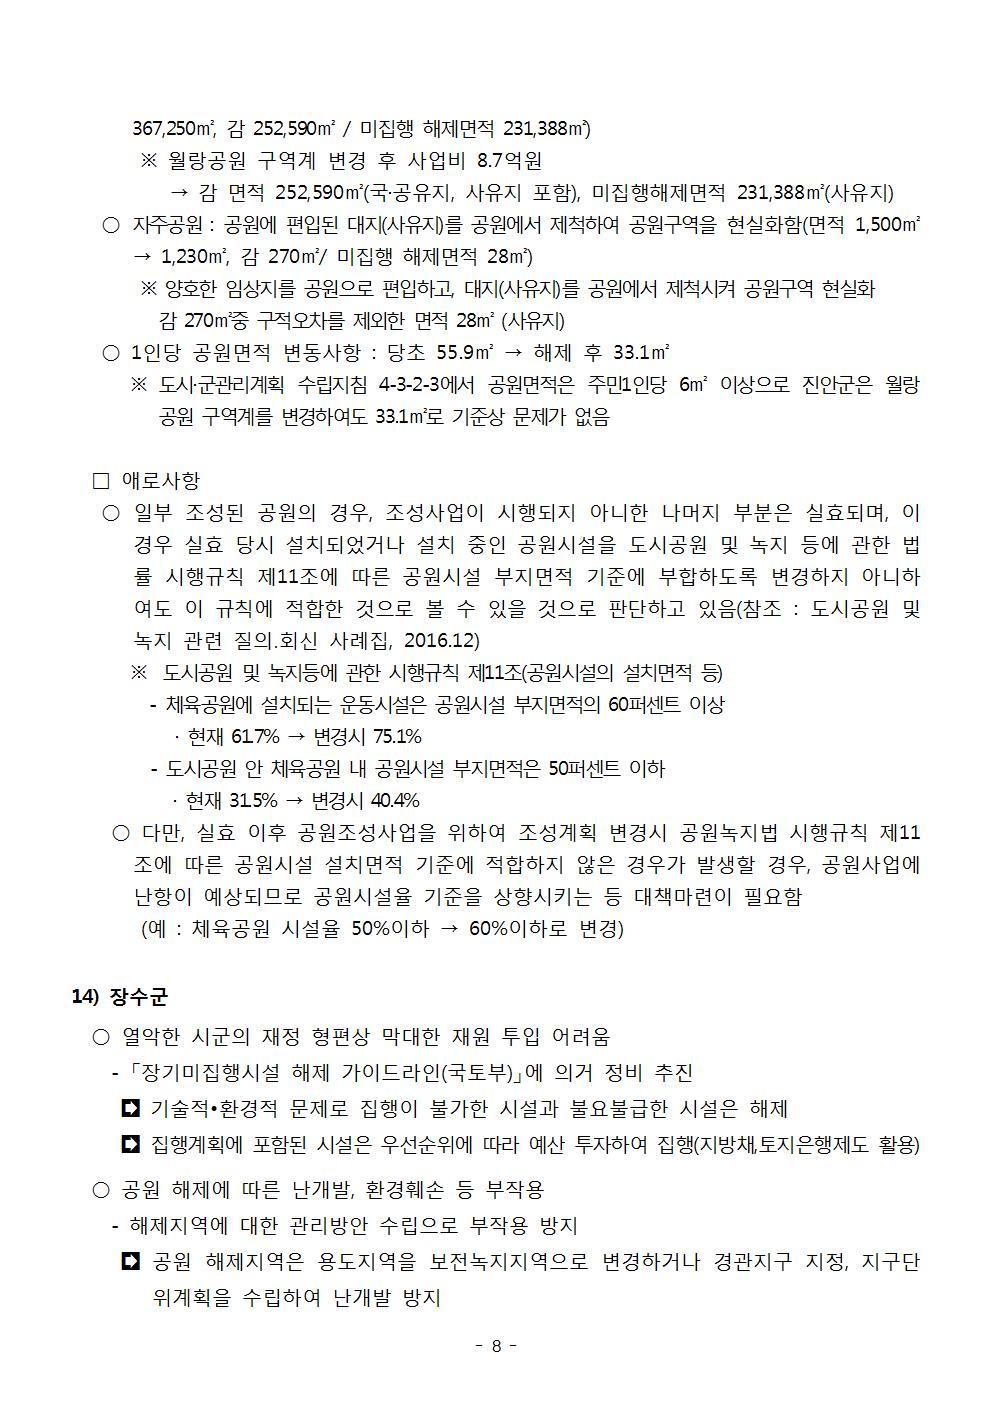 20180210-전북의 도시공원  현황_2차 자료 정리008.jpg